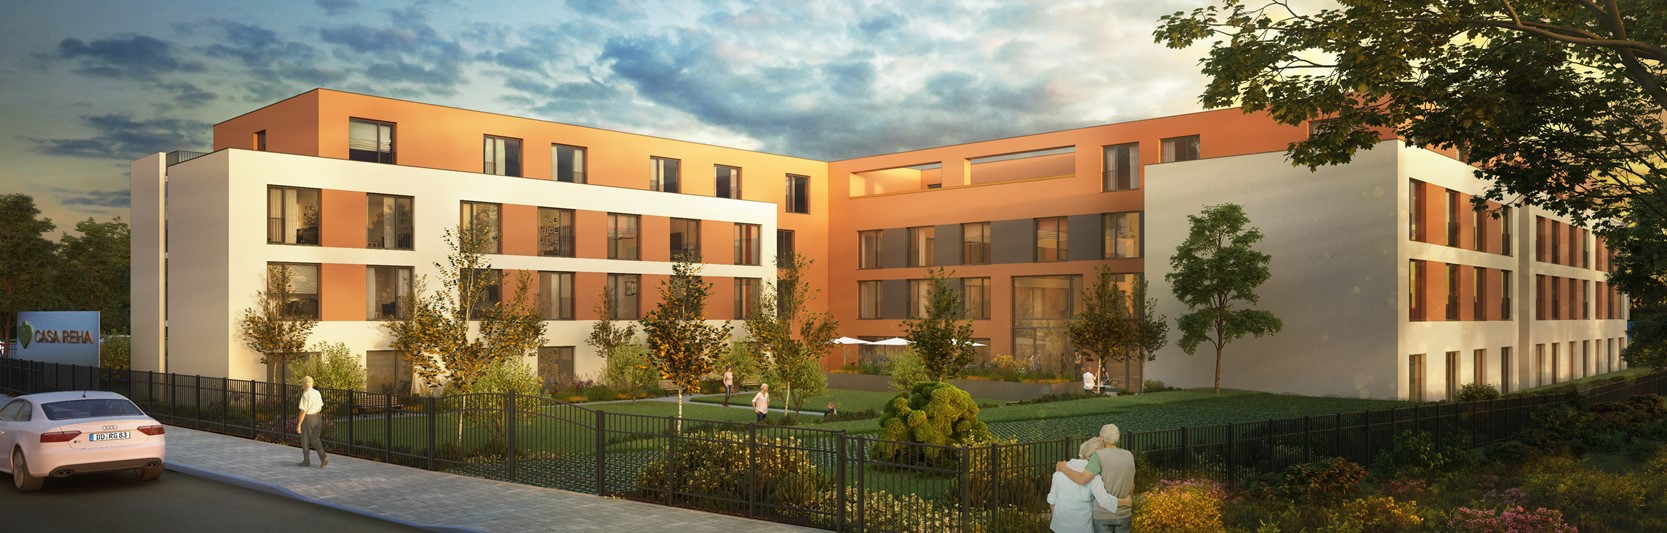 Newsartikel:Baubeginn für neues Seniorenheim der KORIAN-Gruppe in Dresden